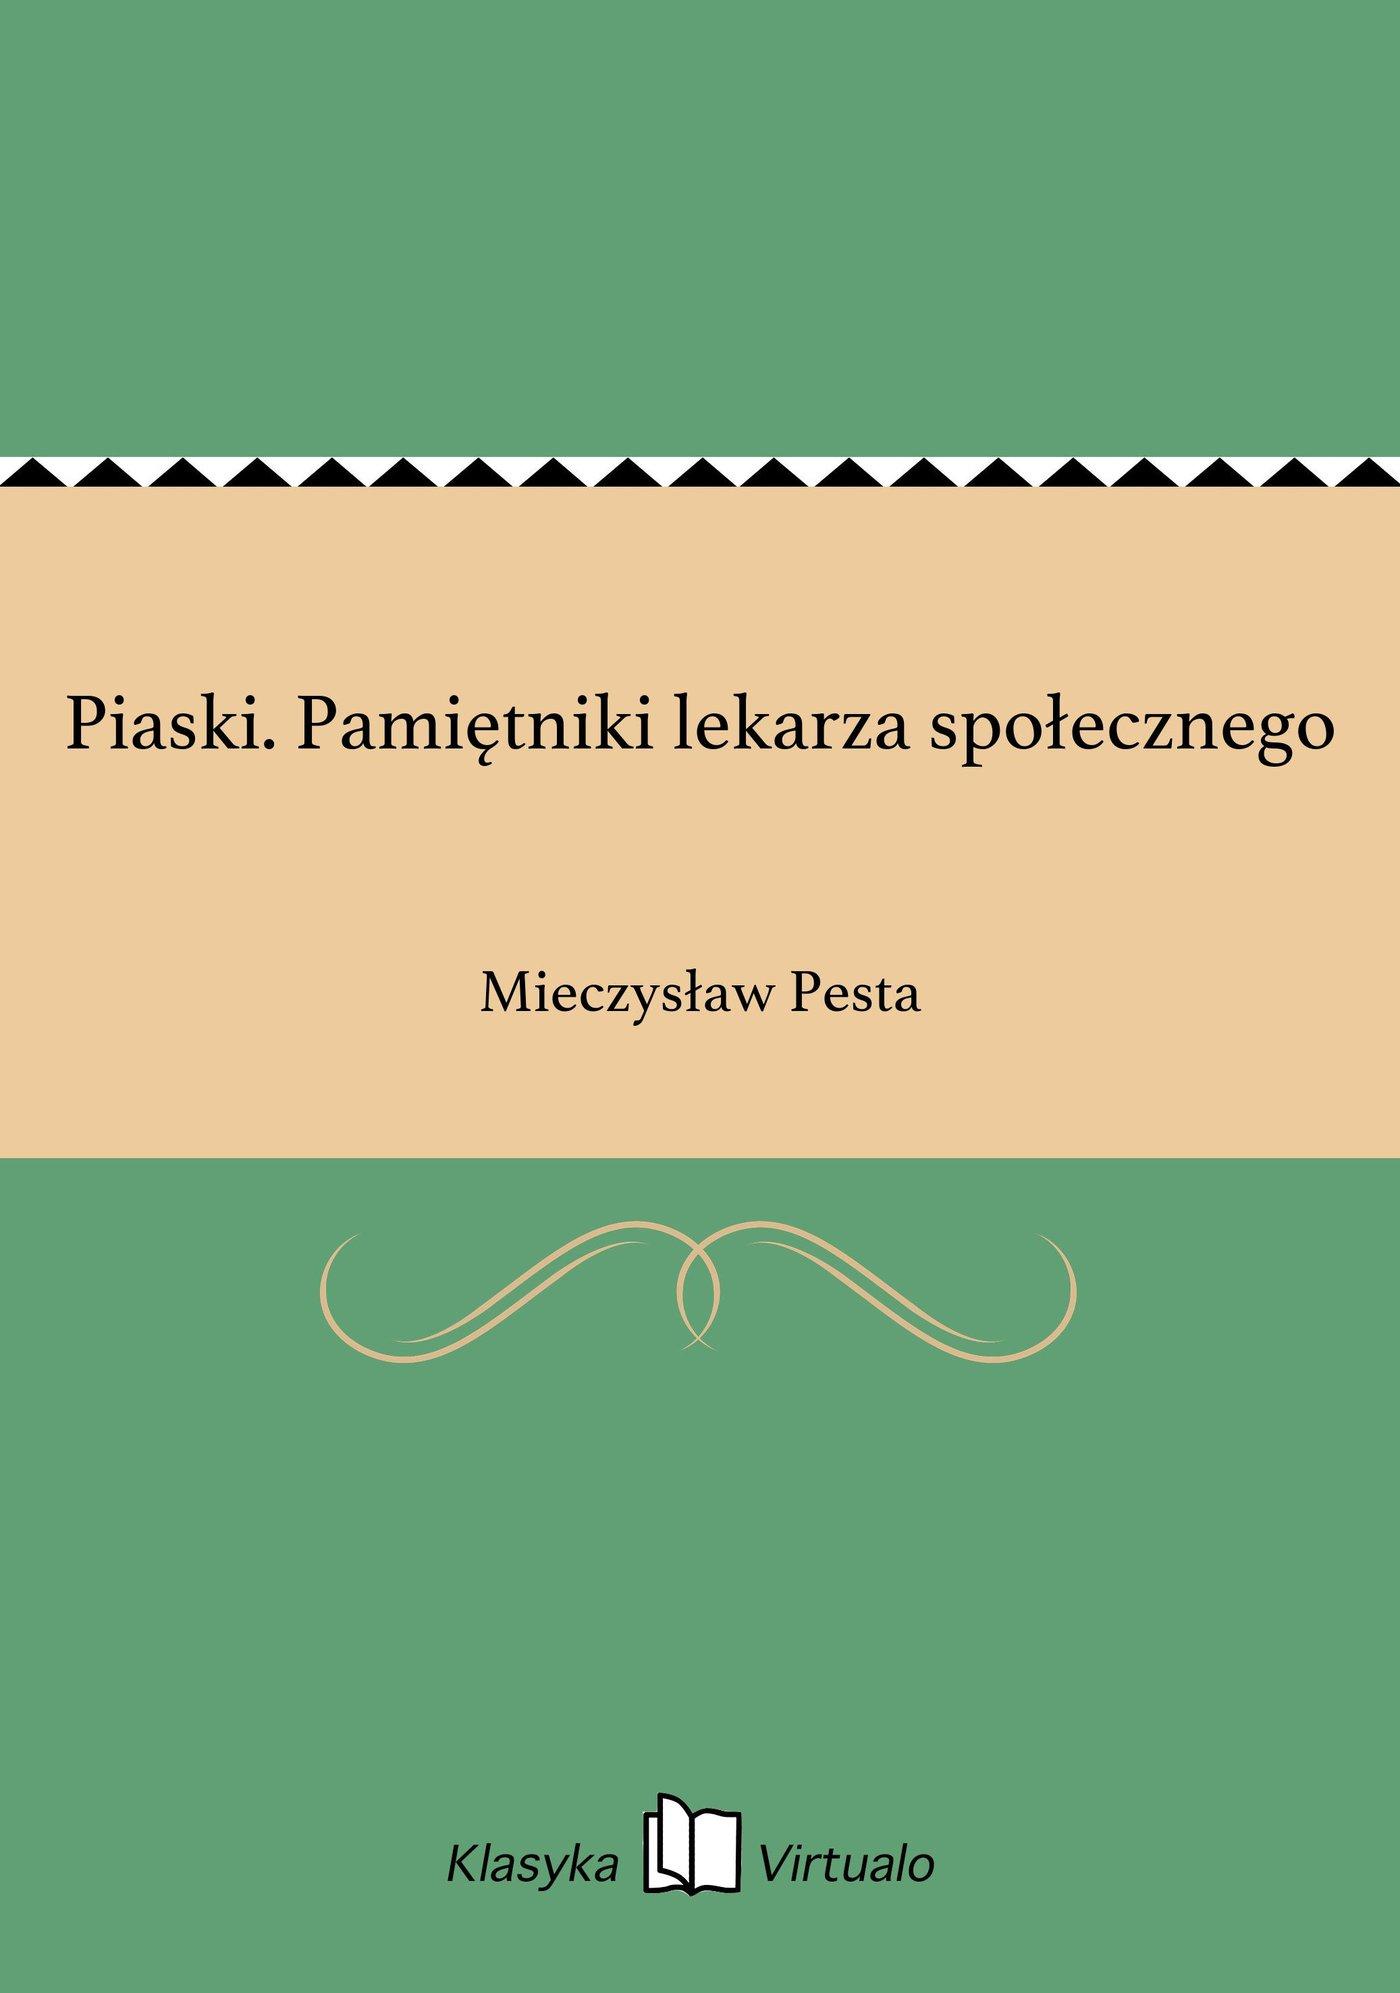 Piaski. Pamiętniki lekarza społecznego - Ebook (Książka EPUB) do pobrania w formacie EPUB